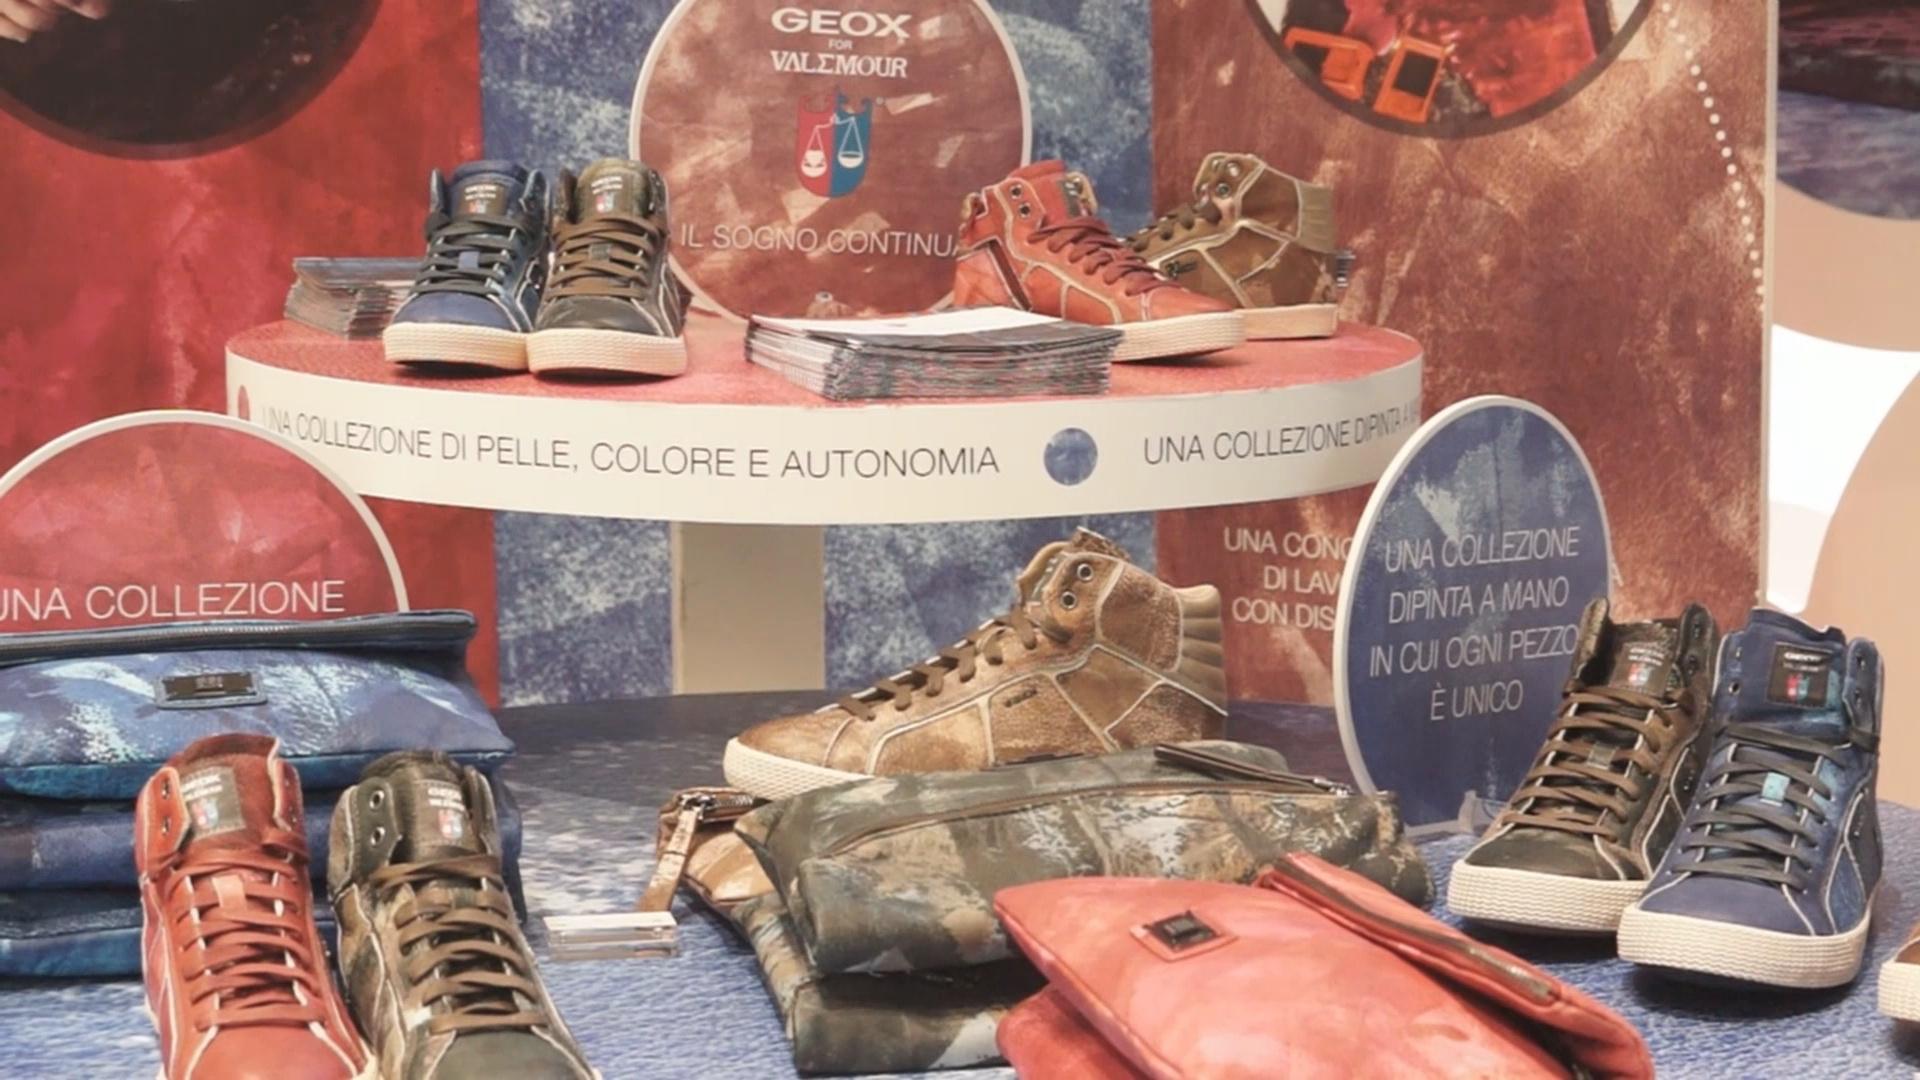 Geox For Eventi Invero Autunno Valemour 2014 A Firenze Collezione qUxwF4